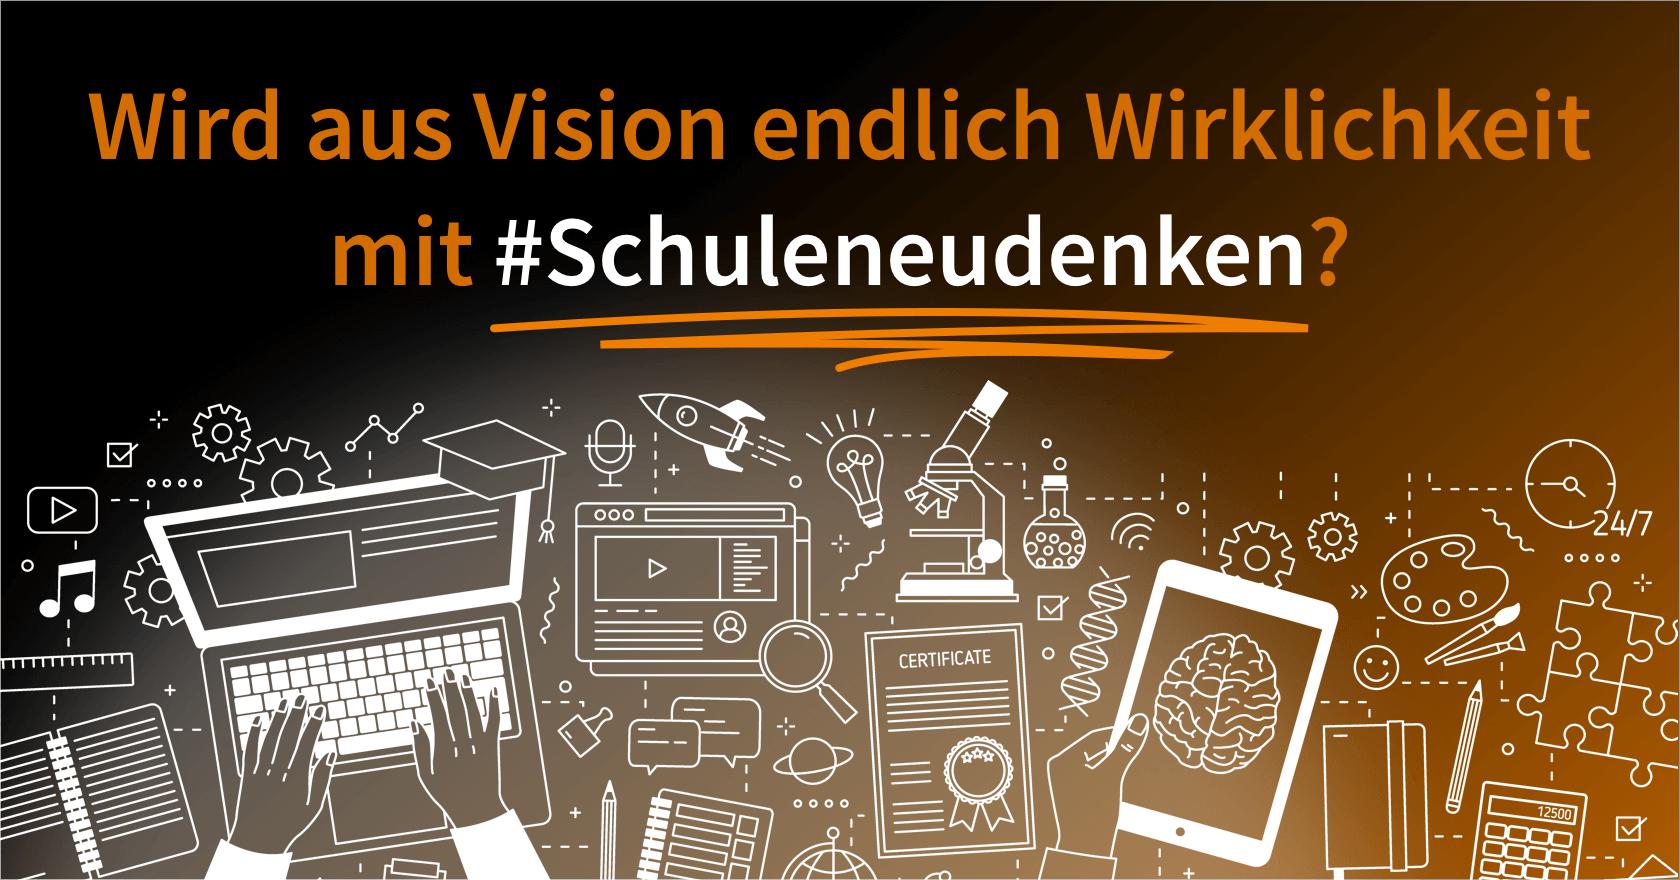 Wird aus Vision endlich Wirklichkeit mit #schuleneudenken? | Sie wollen eine App, Software oder Webanwendung, die auf dem Markt wettbewerbsfähig ist? Wir helfen Ihnen dabei: UX Consulting, UX Konzept & UI Design | App, Software & Web | UX-Büro in Odenthal (in der Nähe von Köln, Bergisch Gladbach, Leverkusen und Düsseldorf) | User Experience Consulting, User Experience Konzept & User Interface Design